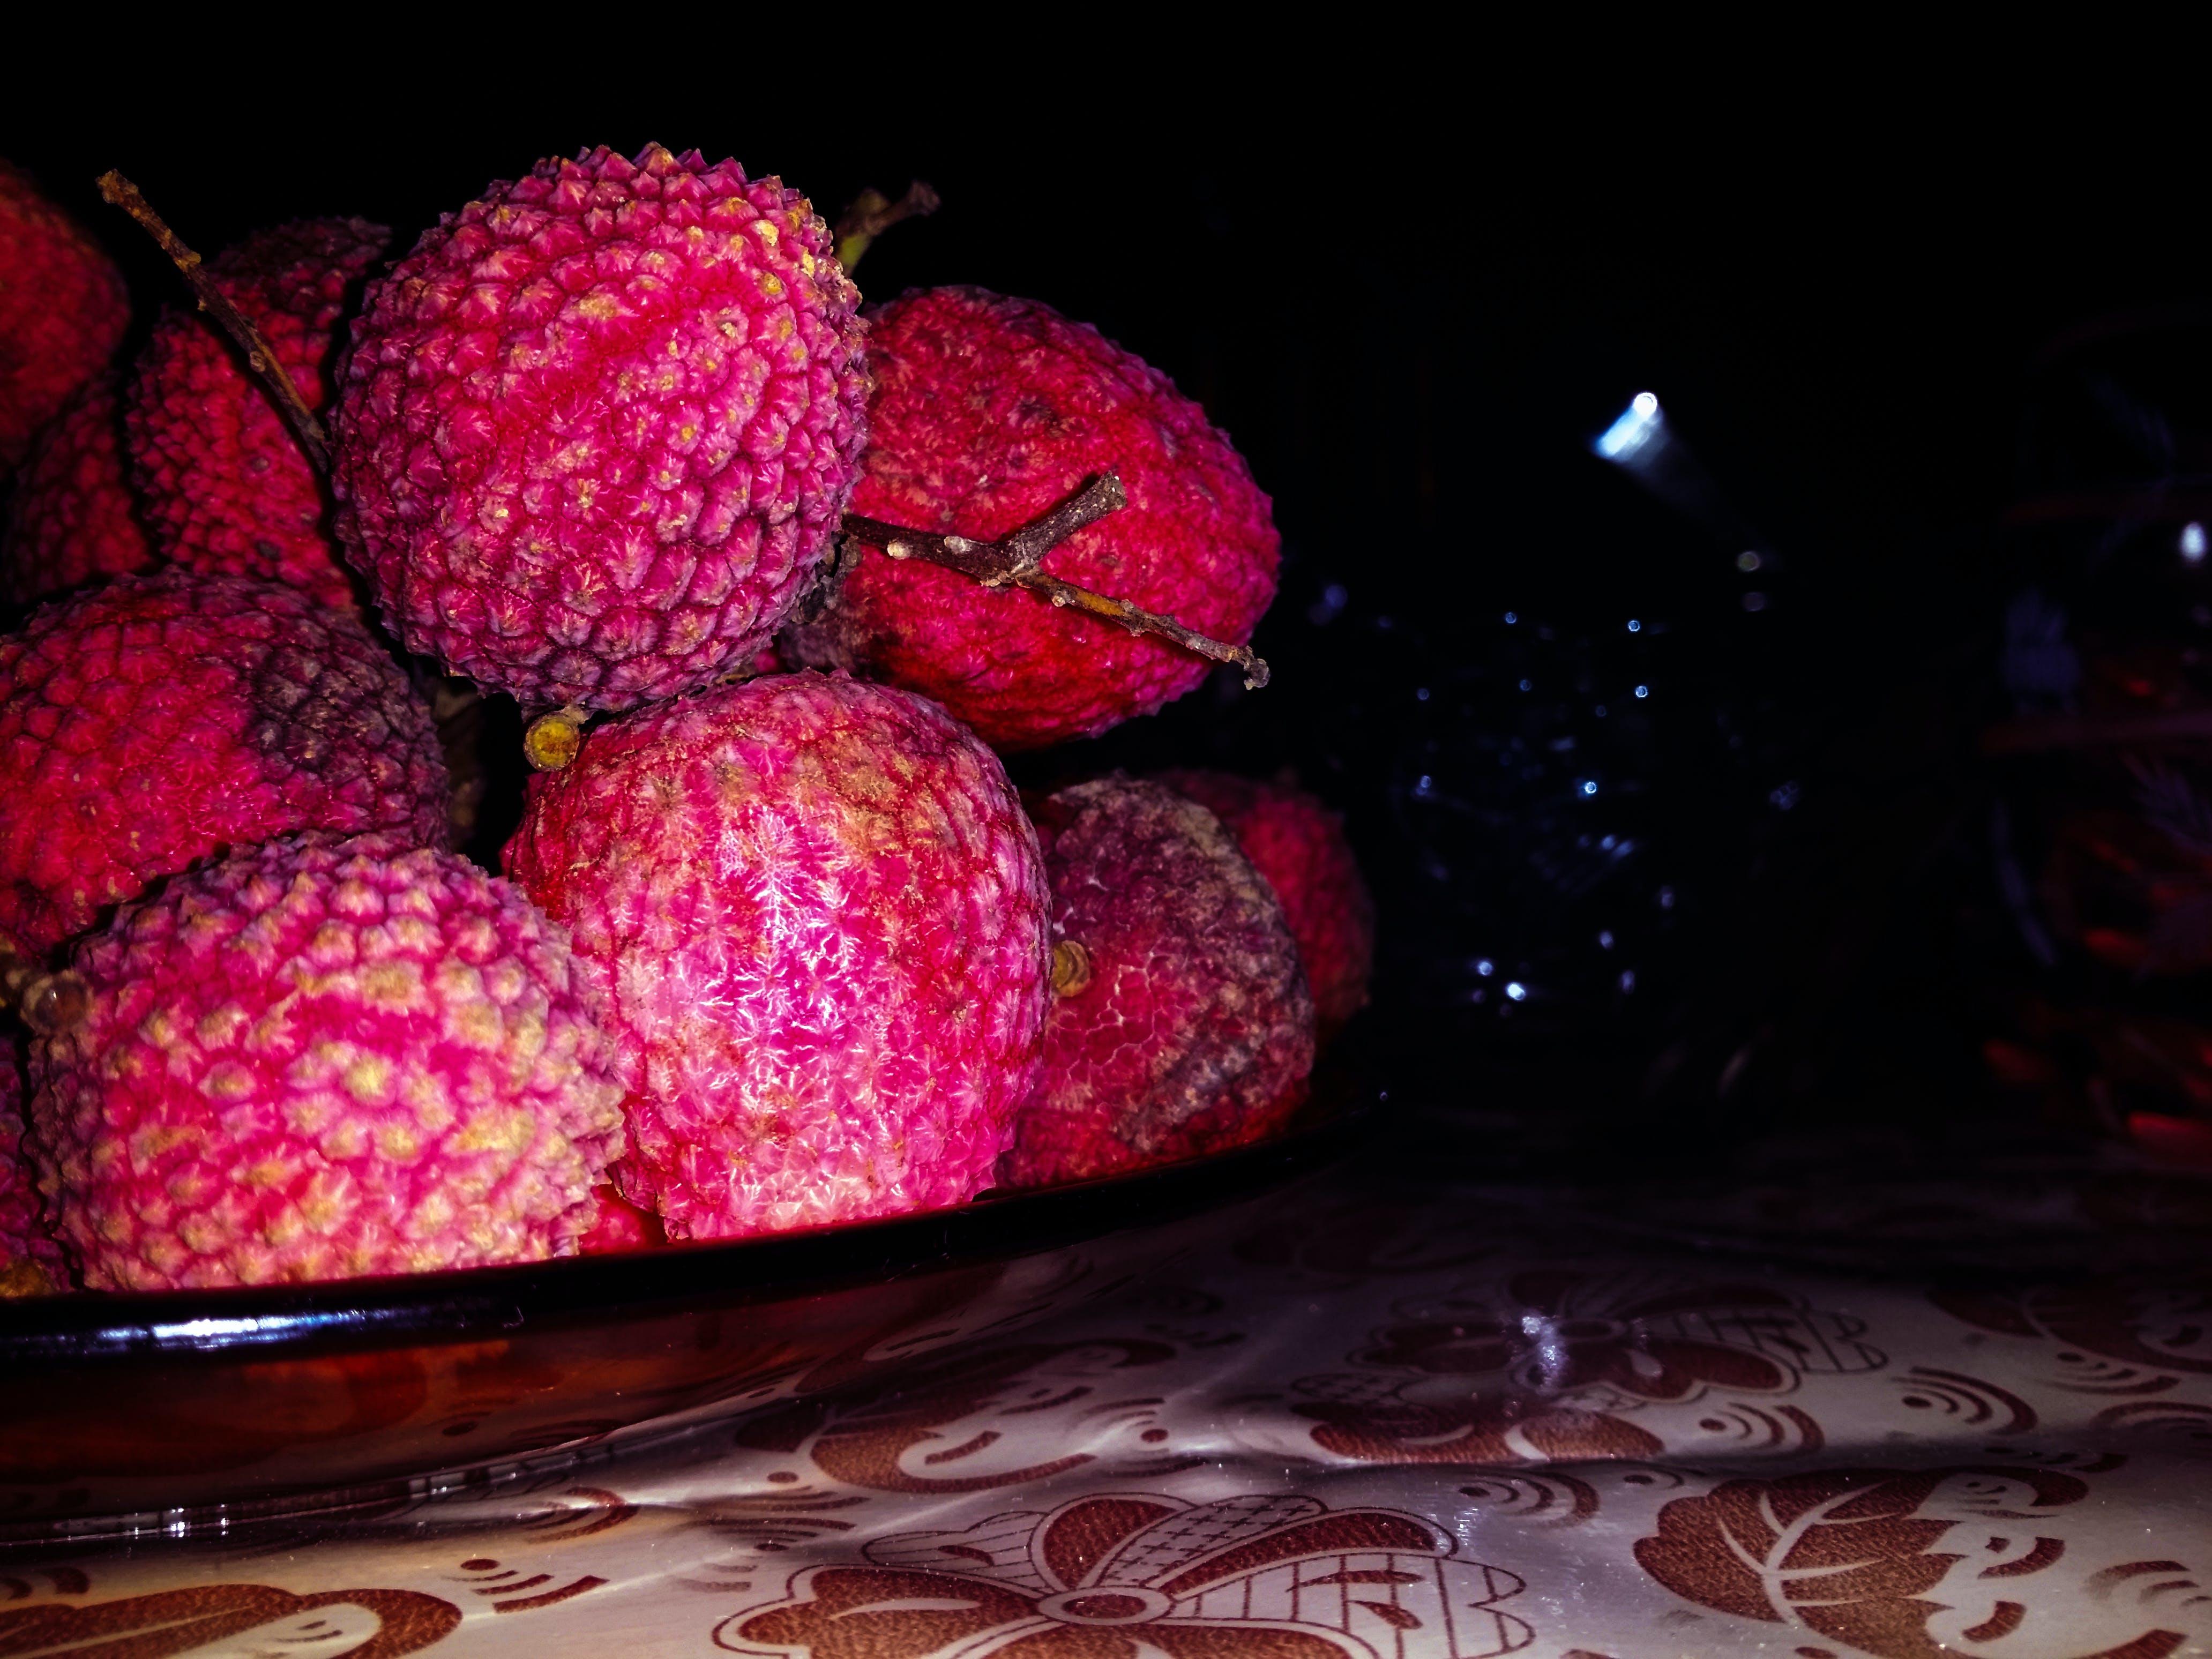 Free stock photo of food, fresh, fruit, fruit photography